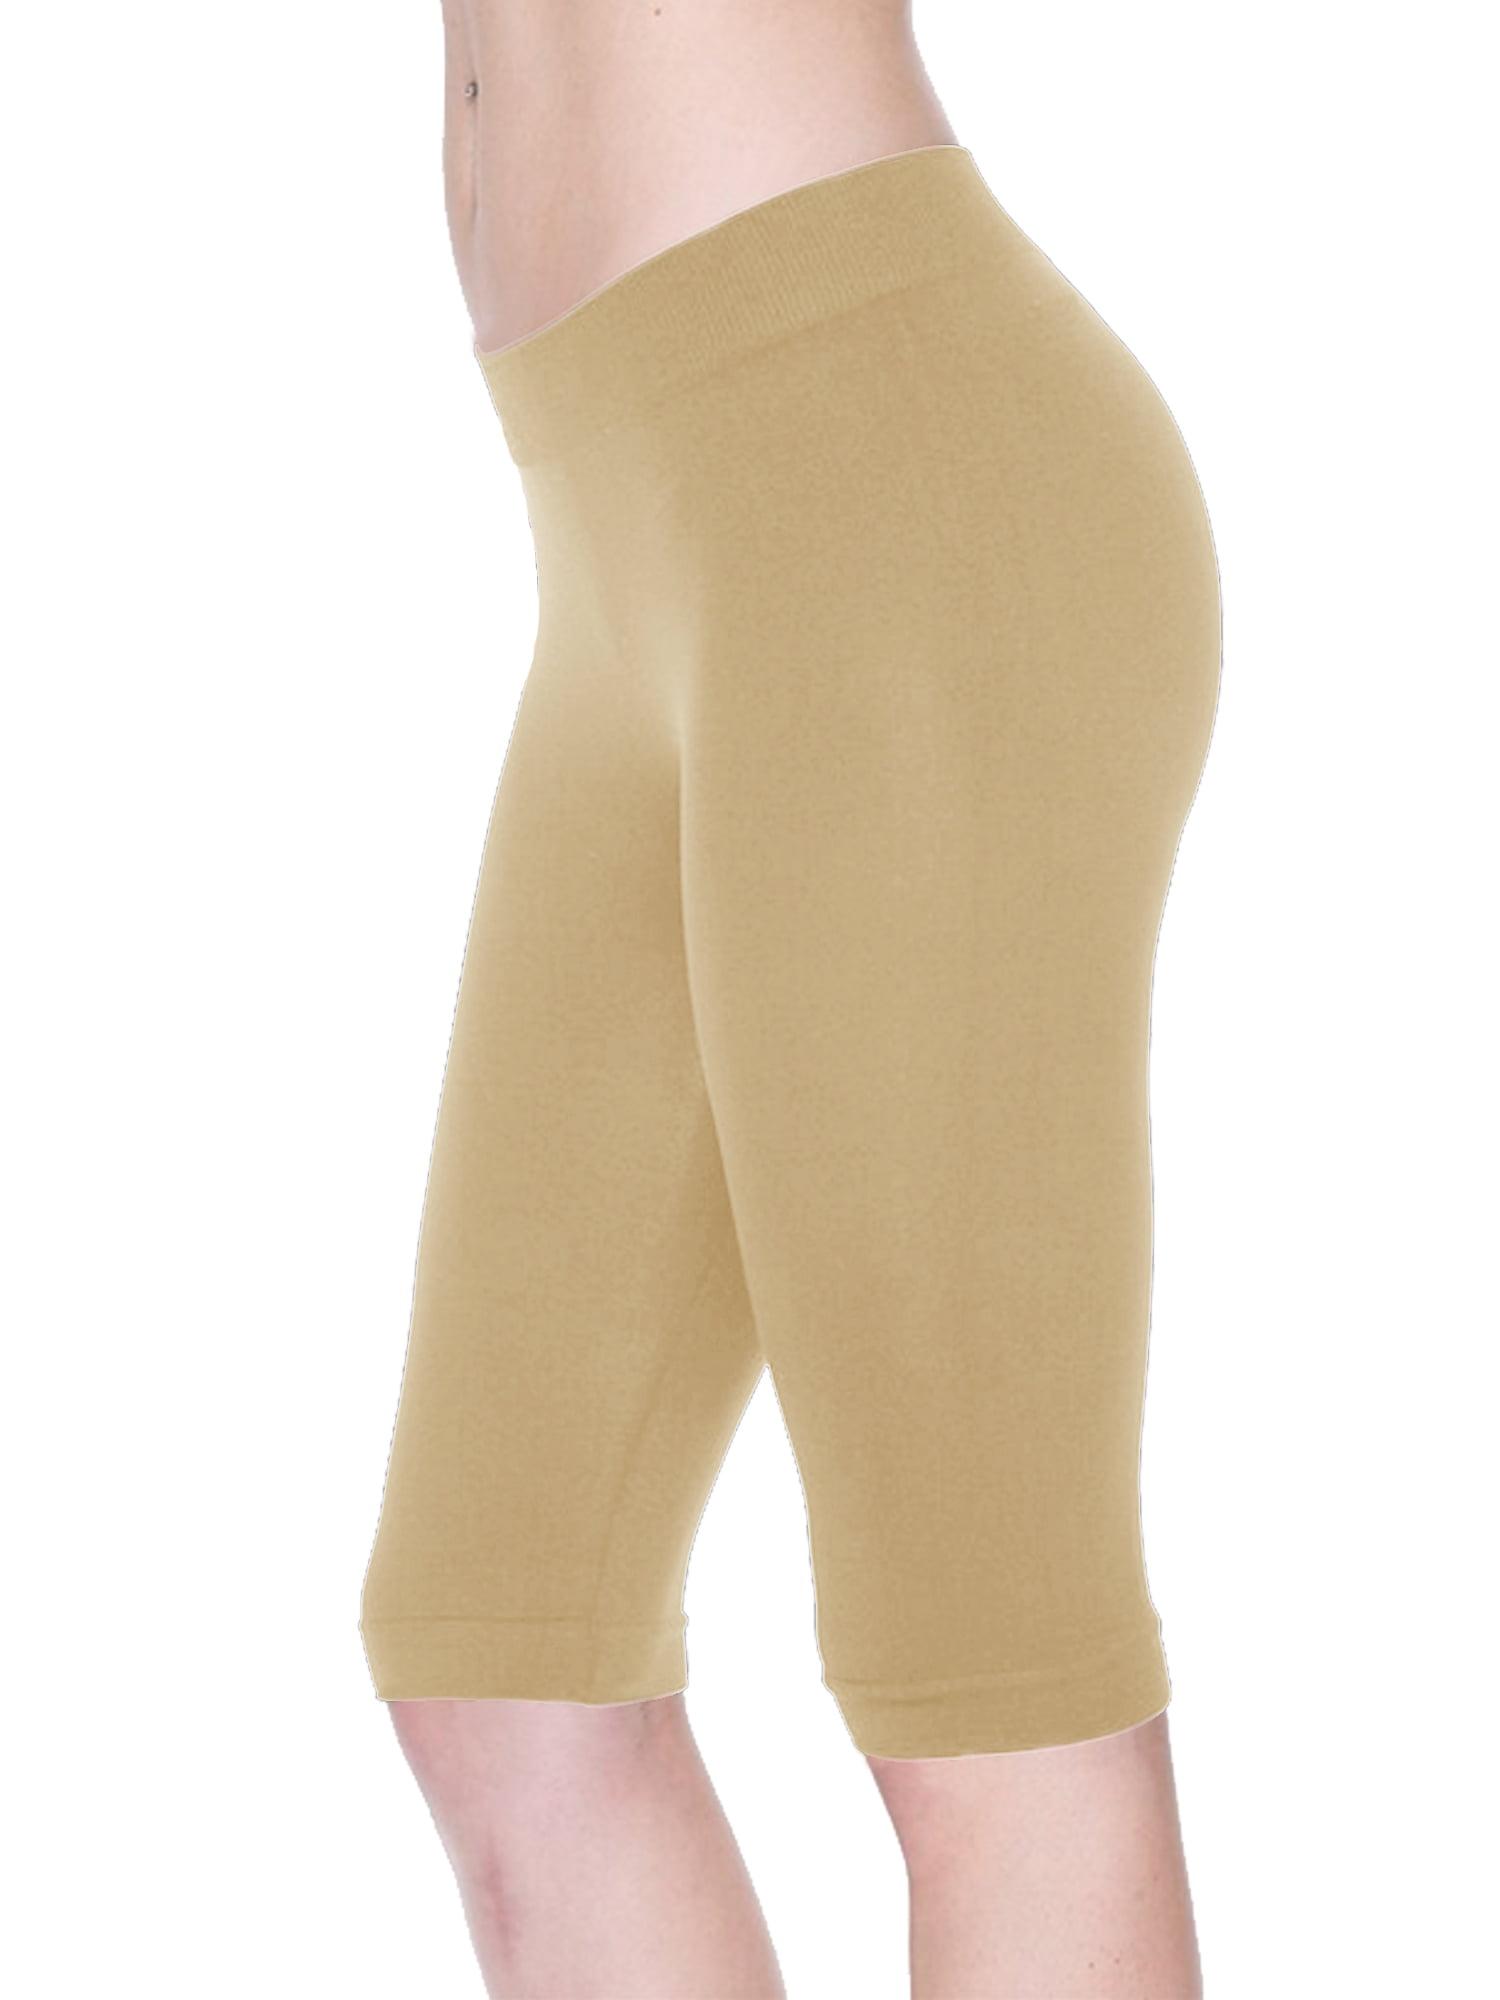 Women Seamless Basic Stretch Capri 17 in Knee Length Legging Bike Shorts